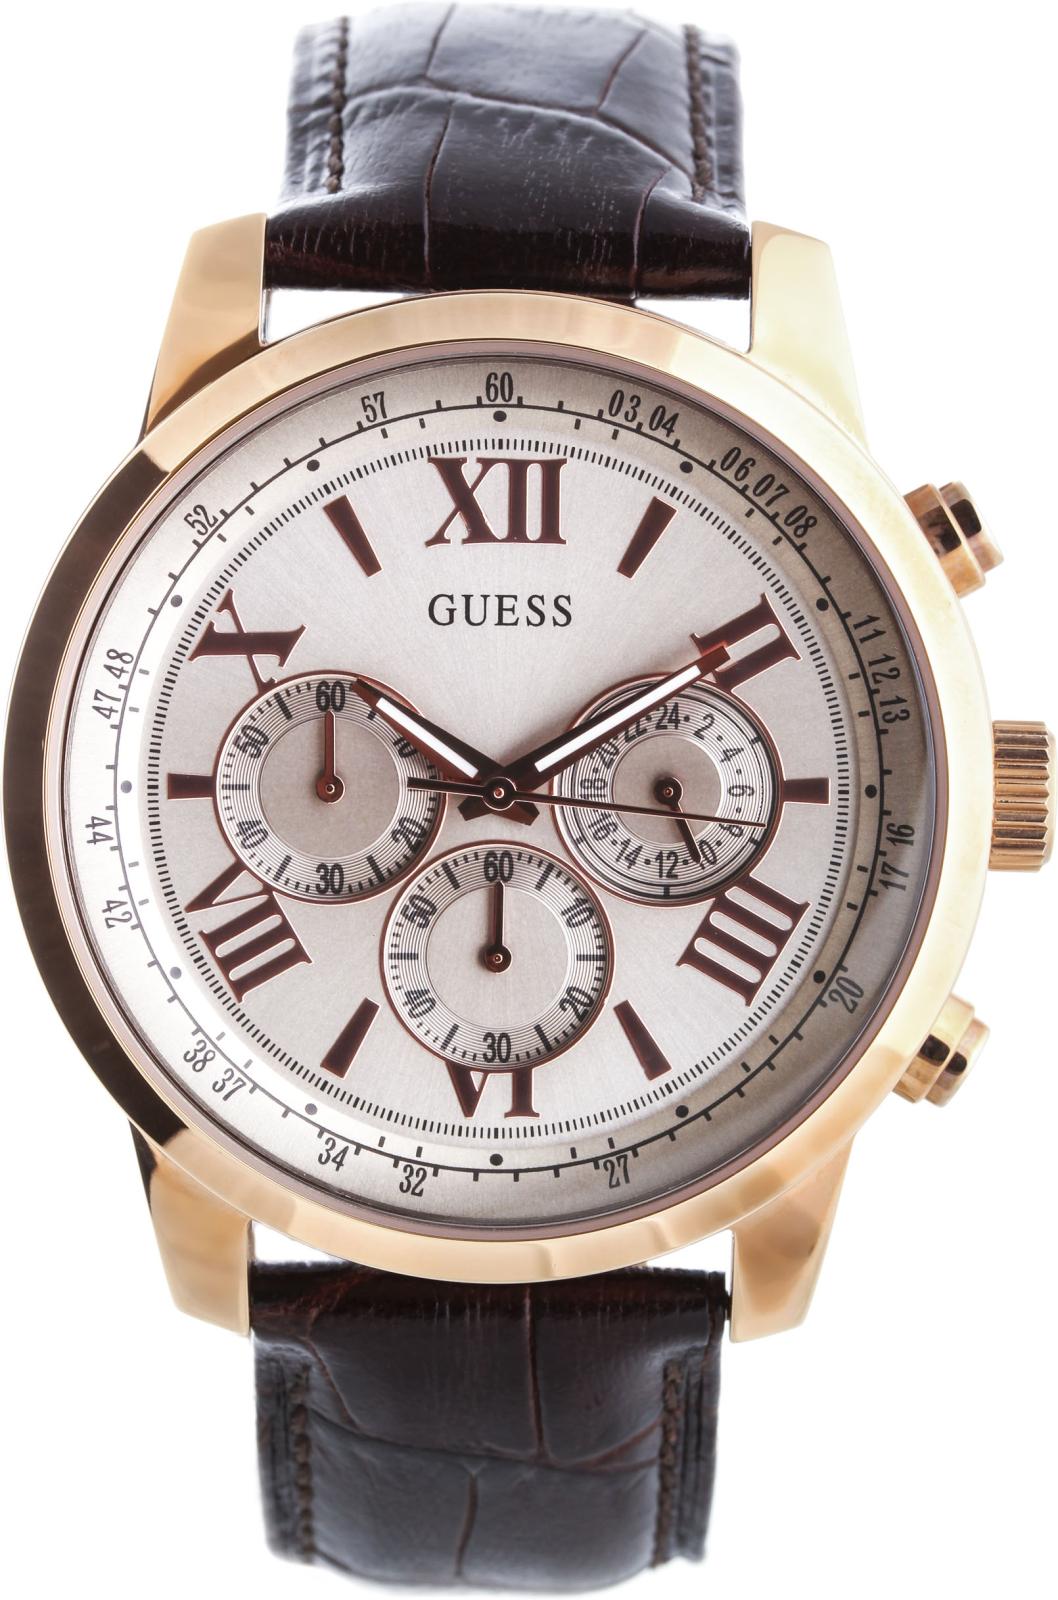 Guess W0380G4Наручные часы<br>Американскиечасы Guess W0380G4Это великолепные мужские часы. Материал корпуса часов — сталь. Циферблат часов защищает минеральное стекло. Водозащита - 50 м. Цвет циферблата - серебристый. Циферблат содержит часы, минуты, секунды. В этих часах используются такие усложнения как дата, день недели, хронограф. Размер данной модели 45мм.<br><br>Пол: Мужские<br>Страна-производитель: США<br>Механизм: Кварцевый<br>Материал корпуса: Сталь<br>Материал ремня/браслета: Кожа<br>Водозащита, диапазон: None<br>Стекло: Минеральное<br>Толщина корпуса: 12<br>Стиль: Спорт